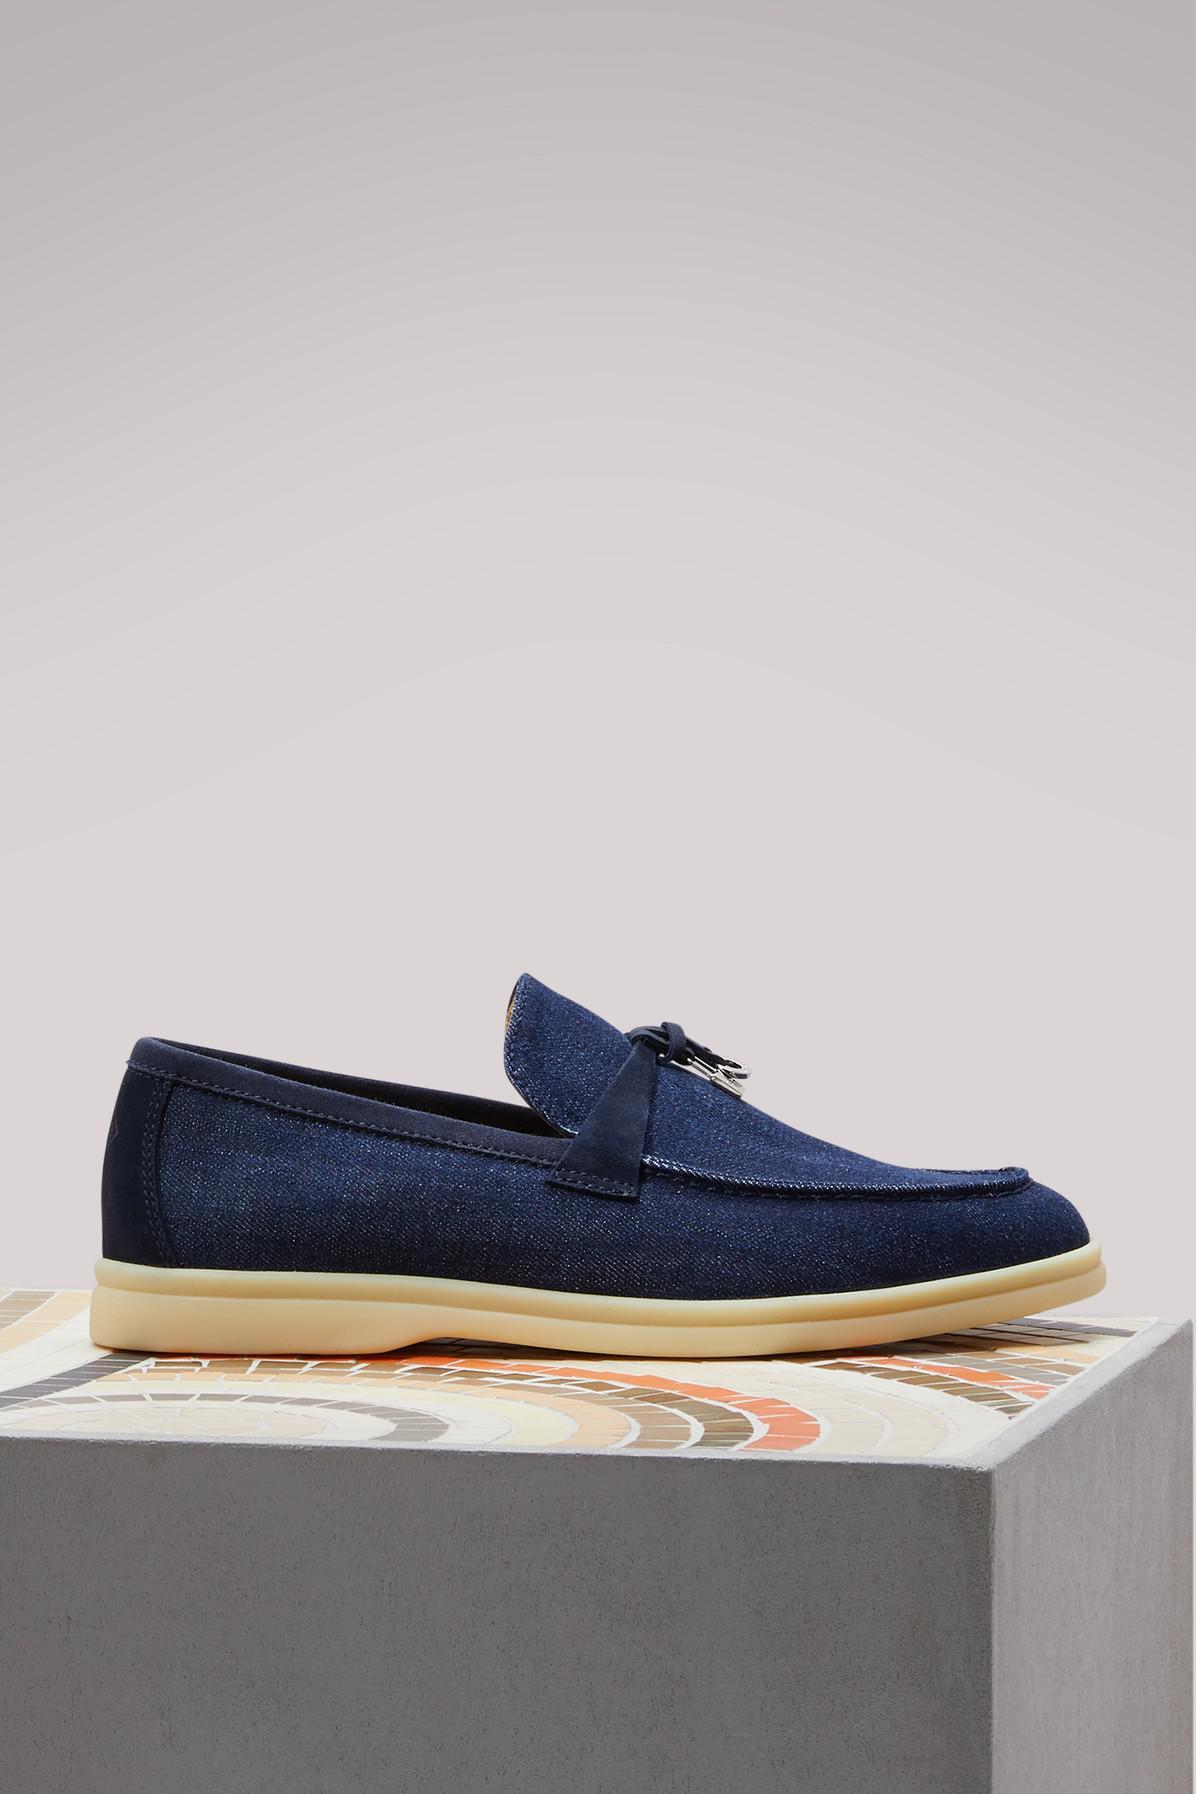 Loro Piana Summer Charm denim slippers J1flGaji